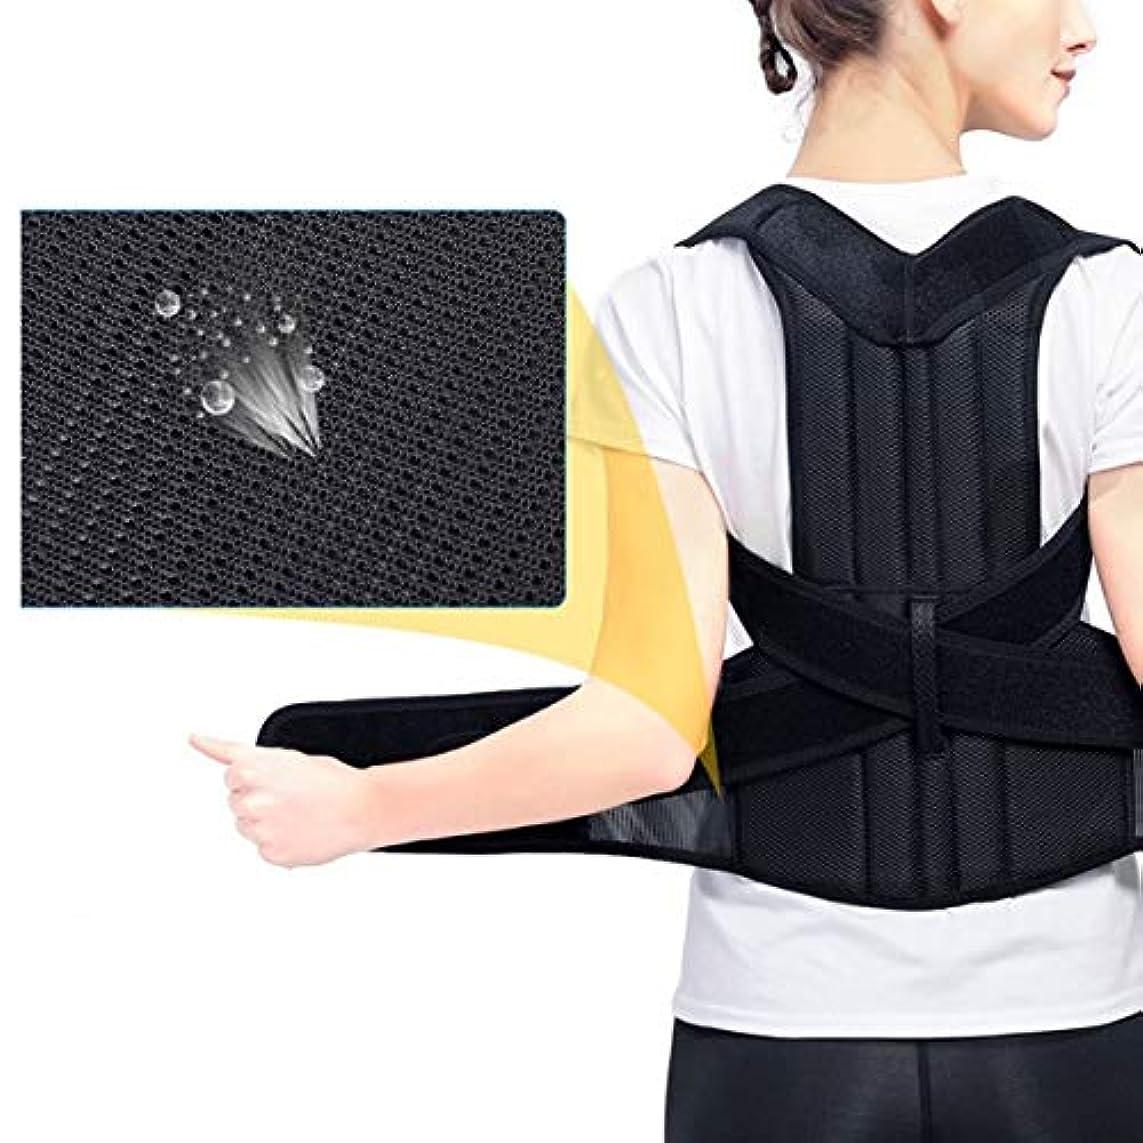 カフェ不定先に腰椎矯正バックブレース背骨装具側弯症腰椎サポート脊椎湾曲装具固定用姿勢 - 黒